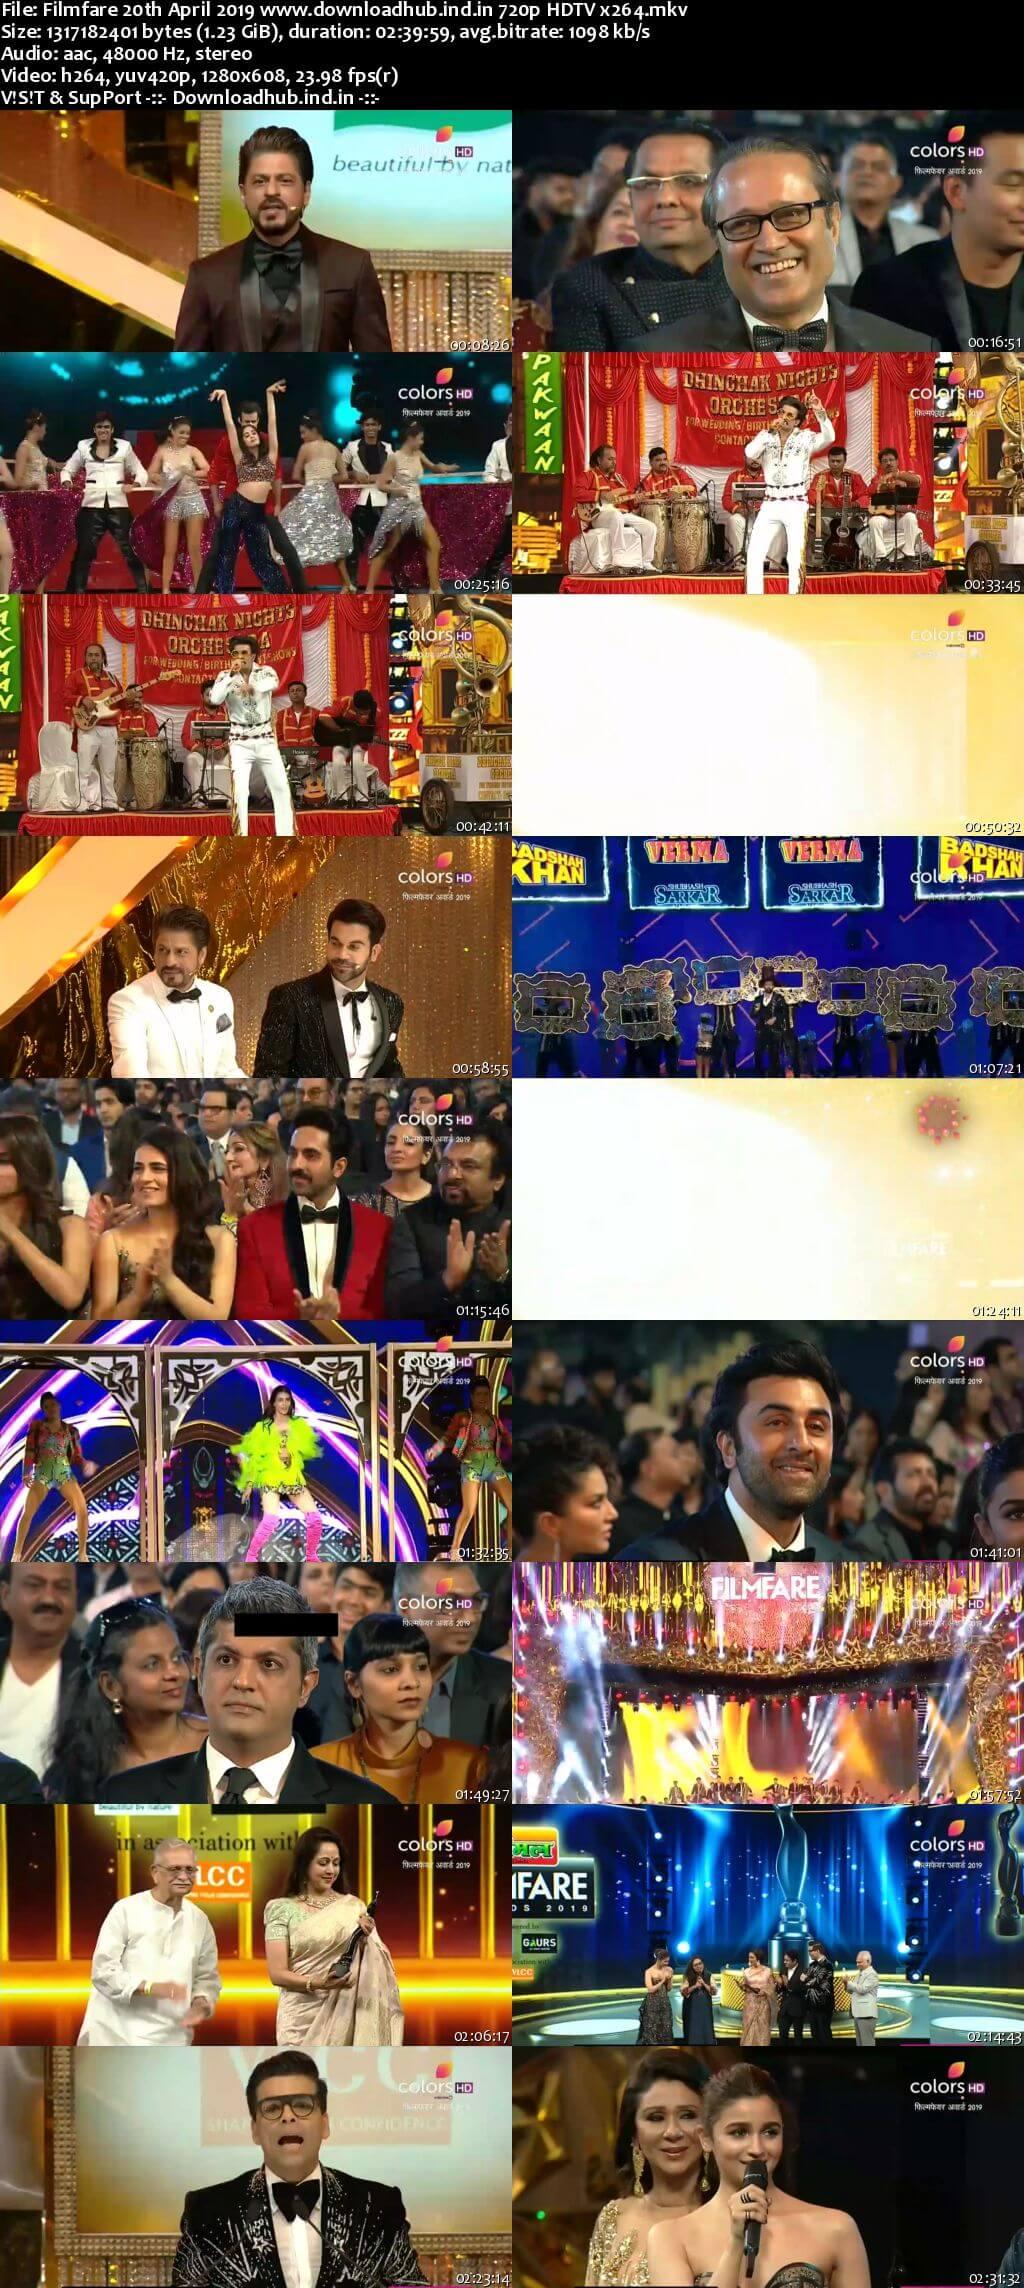 Filmfare Awards 20th April 2019 720p HDTV x264